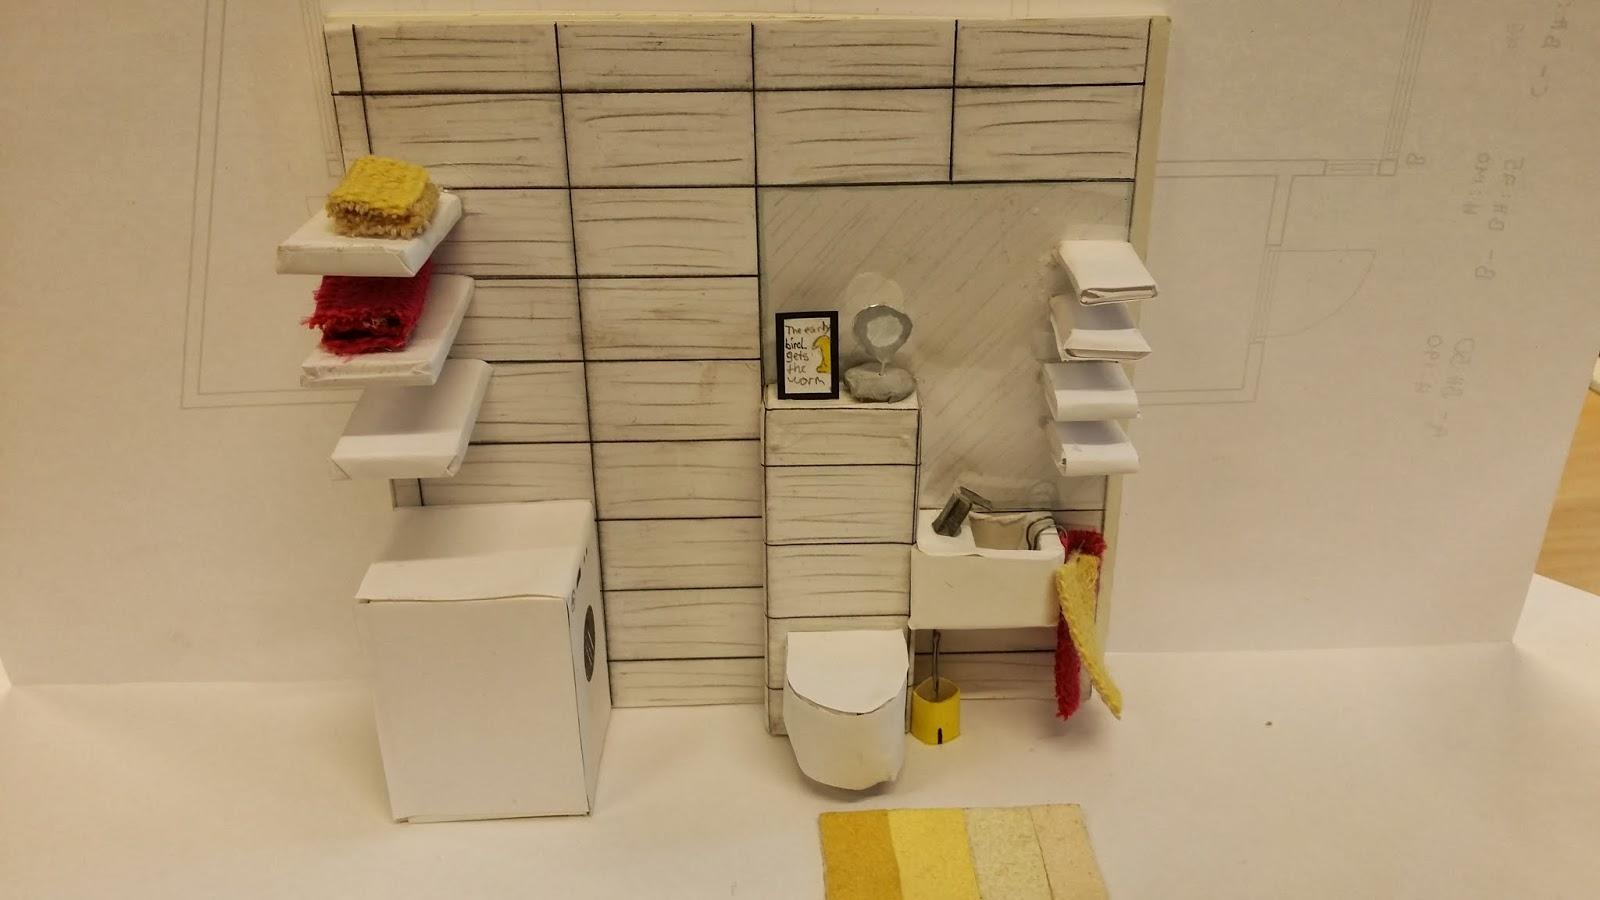 Skoleblogg : Teknisk Design DAK 2D/3D: Innredning av leilighet ...